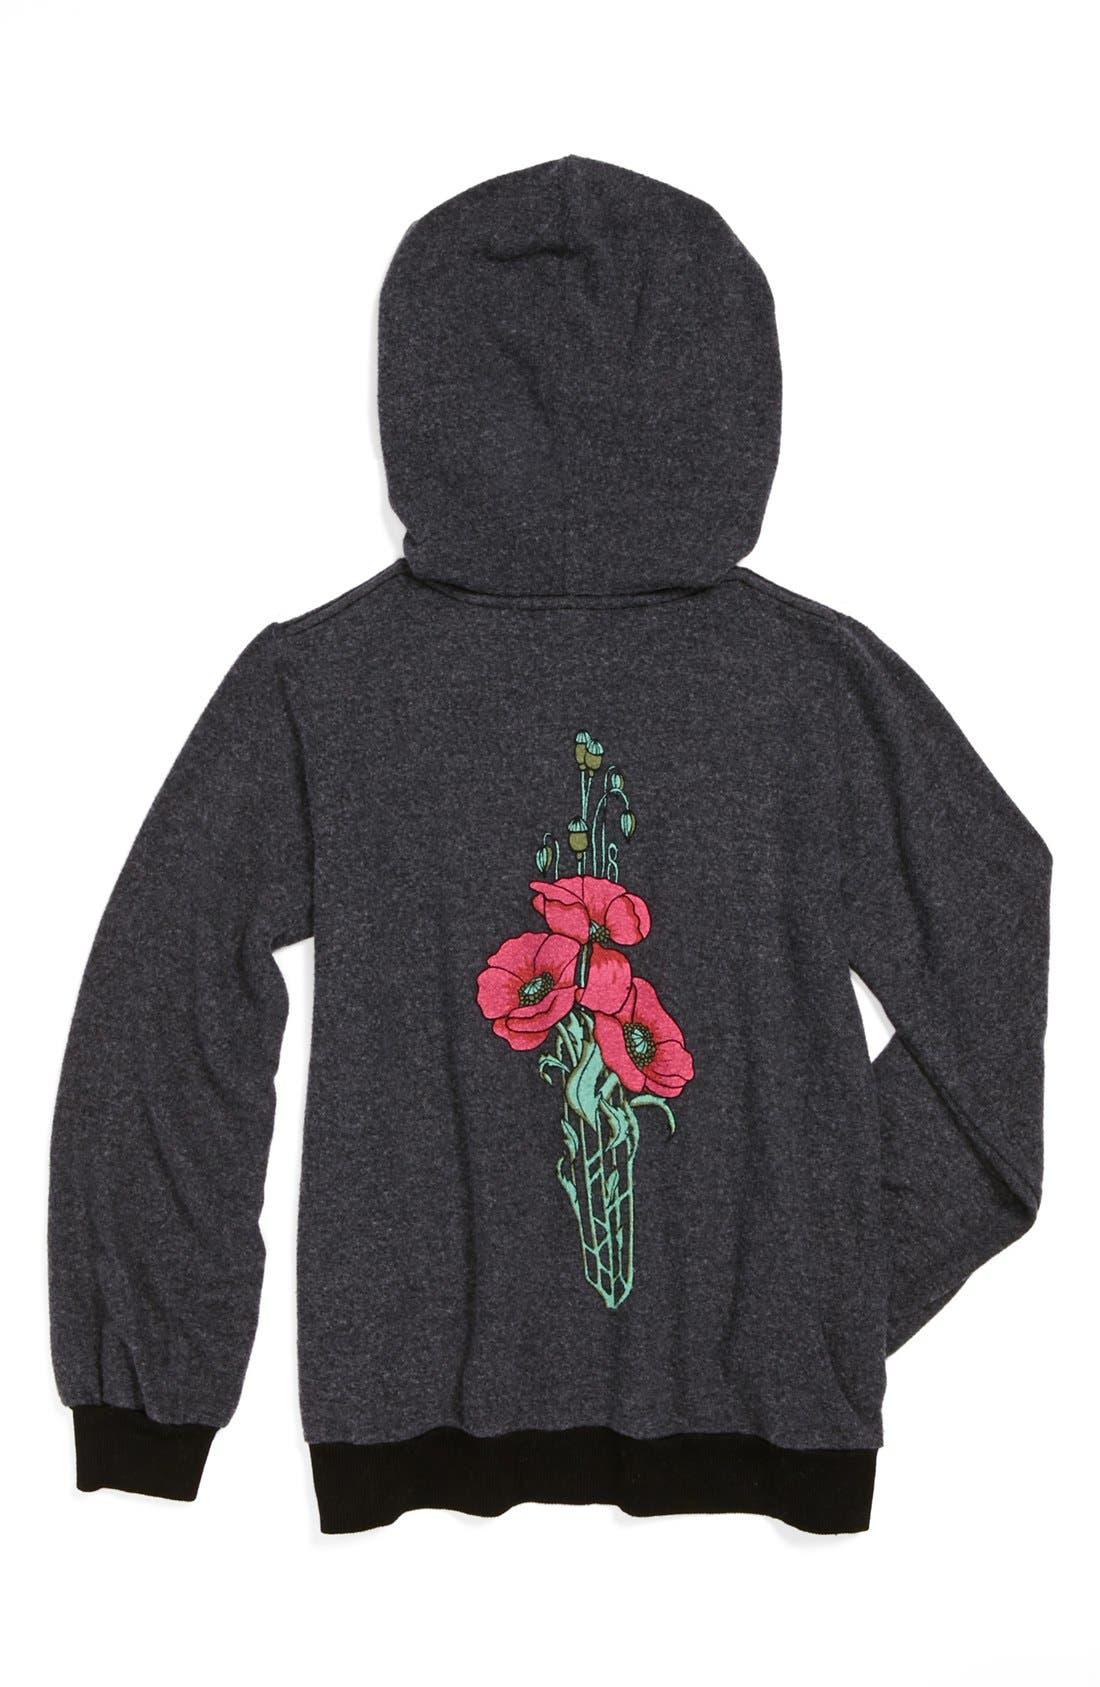 Alternate Image 1 Selected - Wildfox 'Deco Flower' Hoodie (Big Girls)